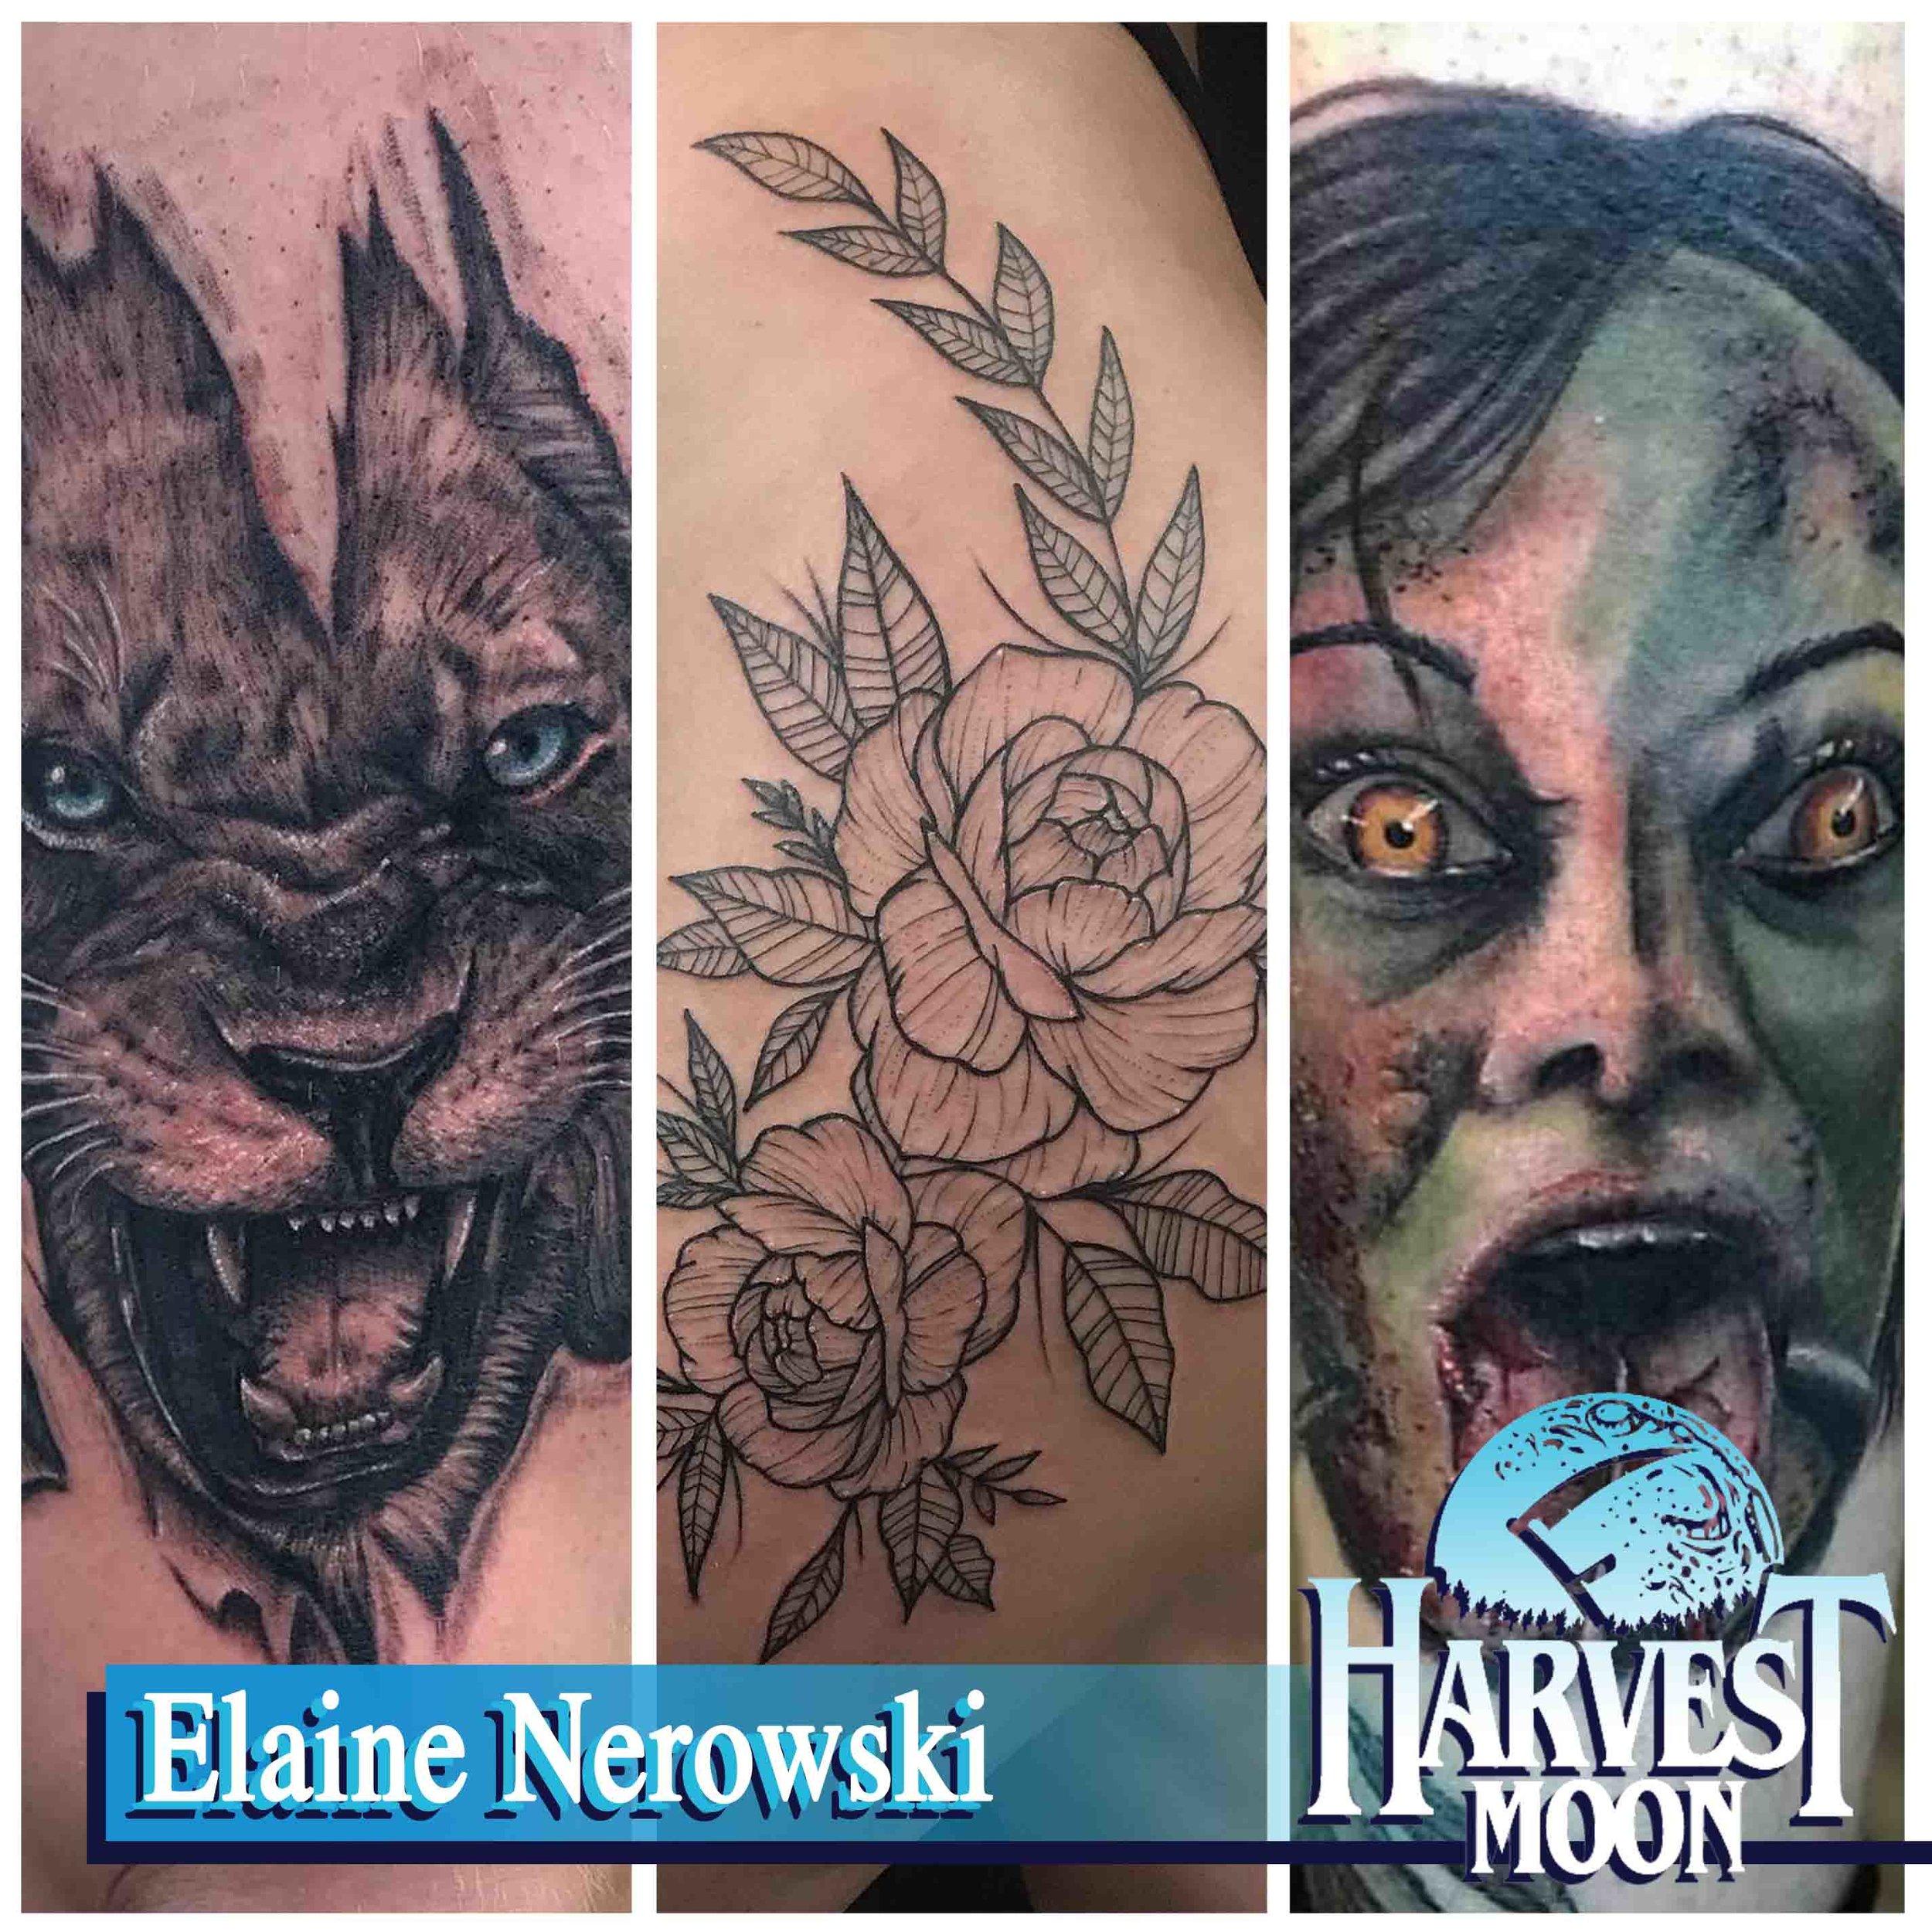 Grand Blvd Tattoo Co.  Detroit, MI